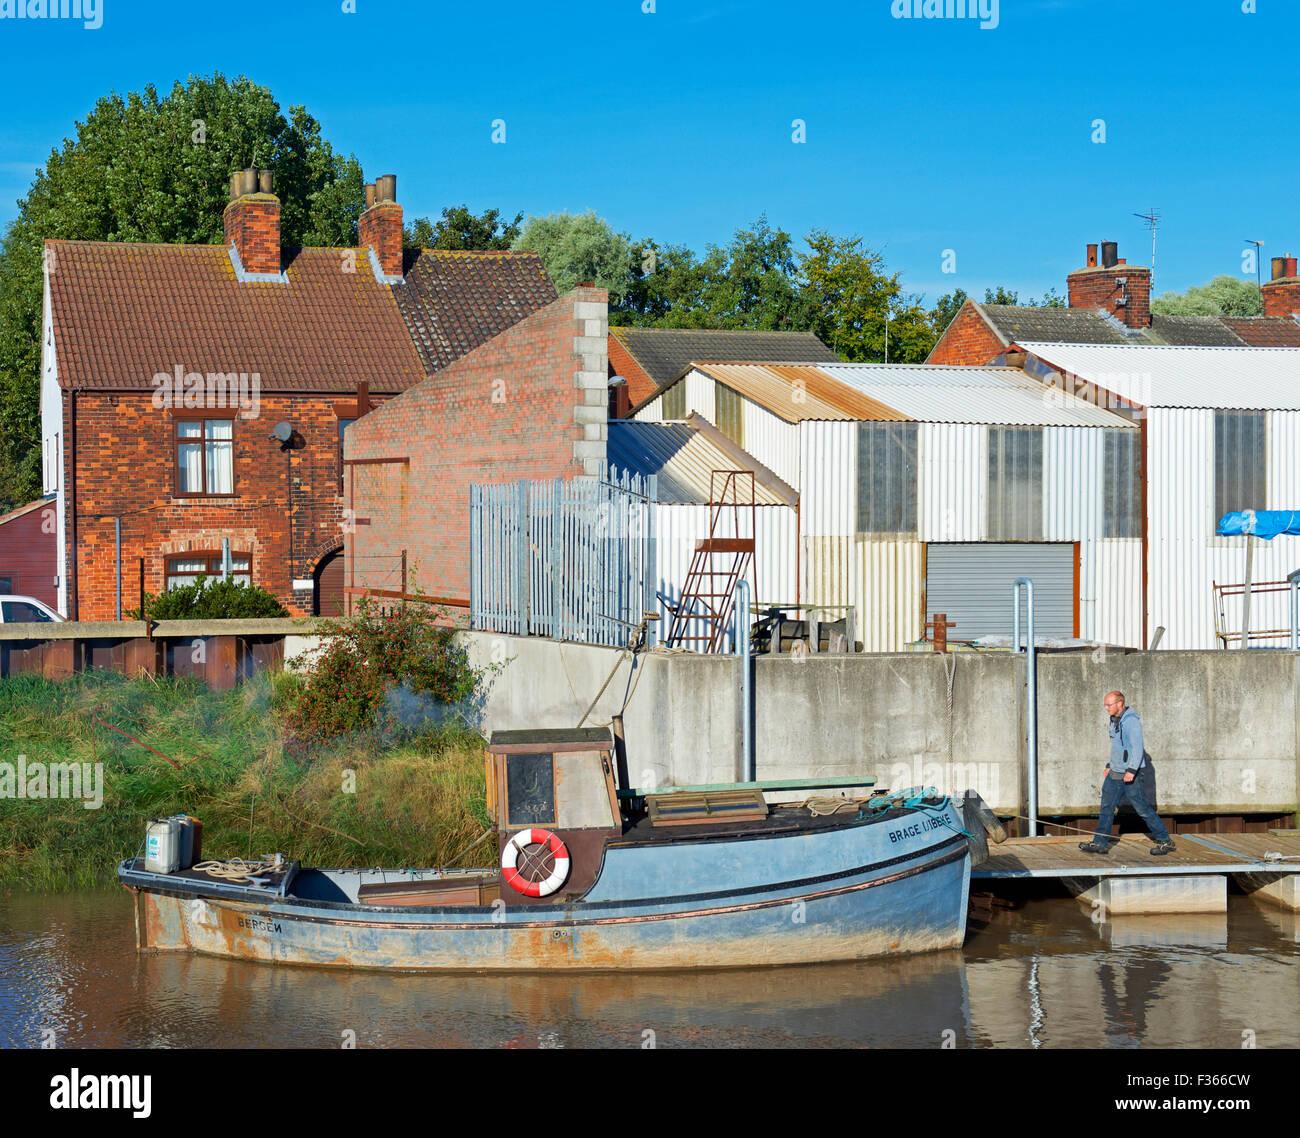 Boat moored at Barton Haven Boatyard, Barton upon Humber, North Lincolnshire, England UK - Stock Image